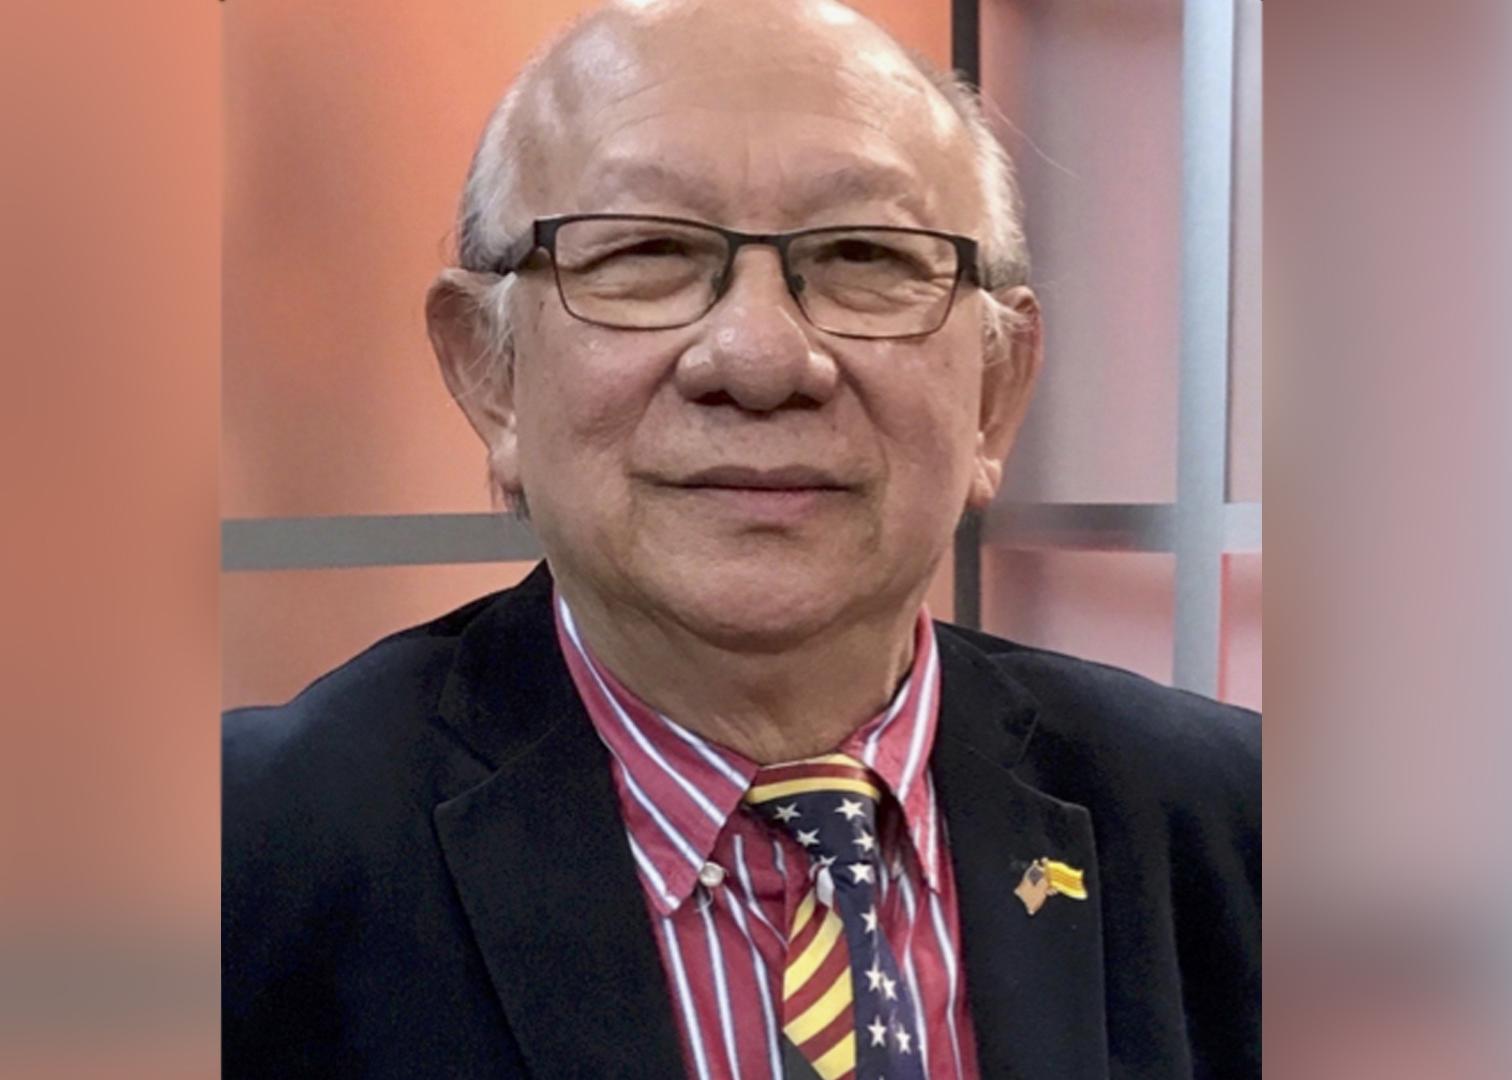 Ông Nguyễn Văn Tánh, Chủ Tịch Cộng Đồng Người Việt Quốc Gia Liên Bang Hoa Kỳ qua đời